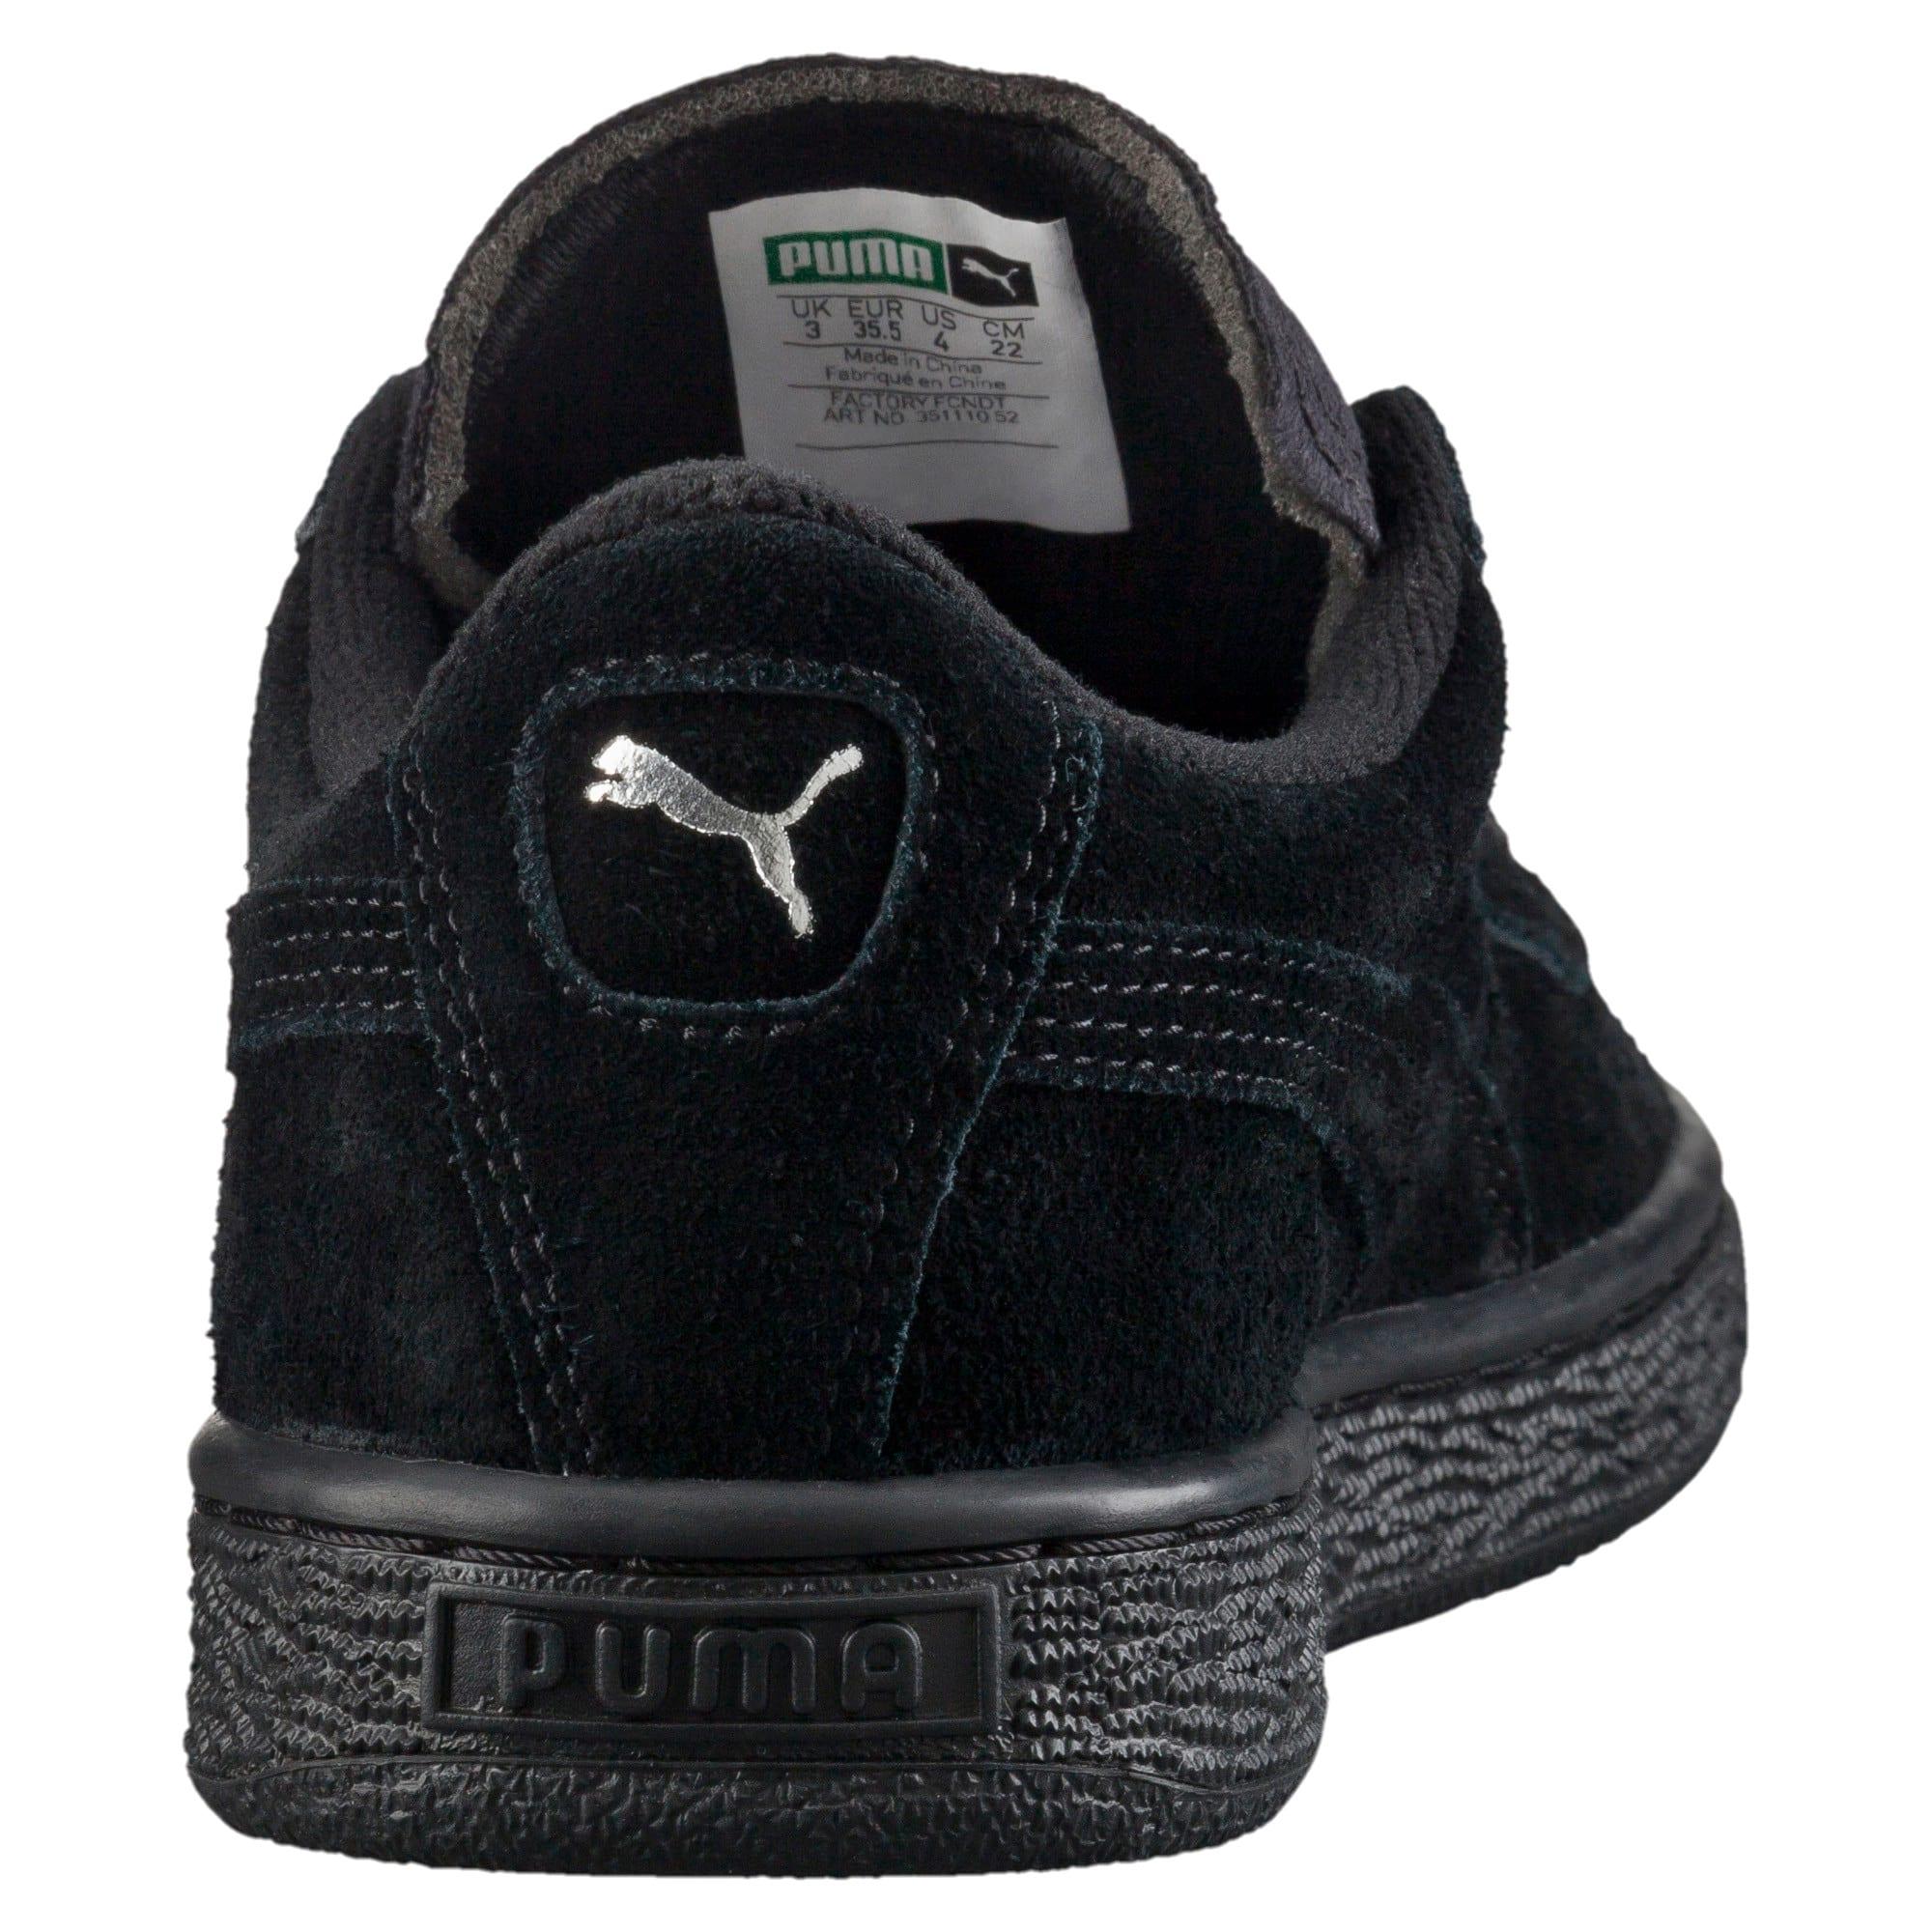 Miniatura 3 de Zapatos deportivos Suede para JR, black-puma silver, mediano